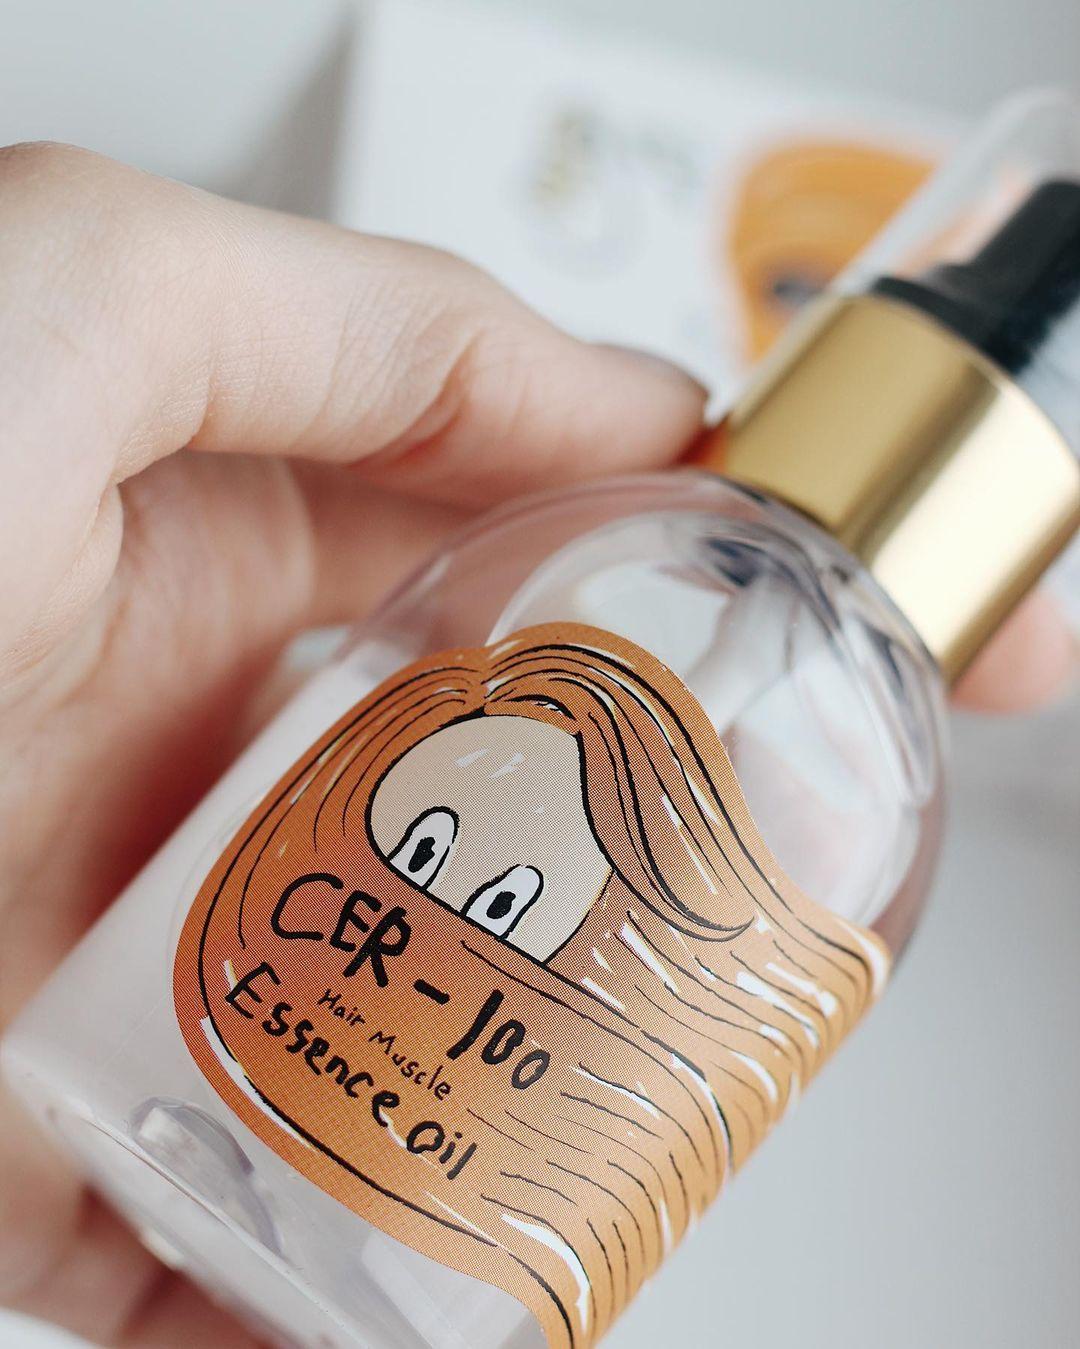 Стимуляция роста волос: Масло для волос Elizavecca Cer-100 Hair Muscle Essence oil ⠀ Флакончик выглядит мило,...